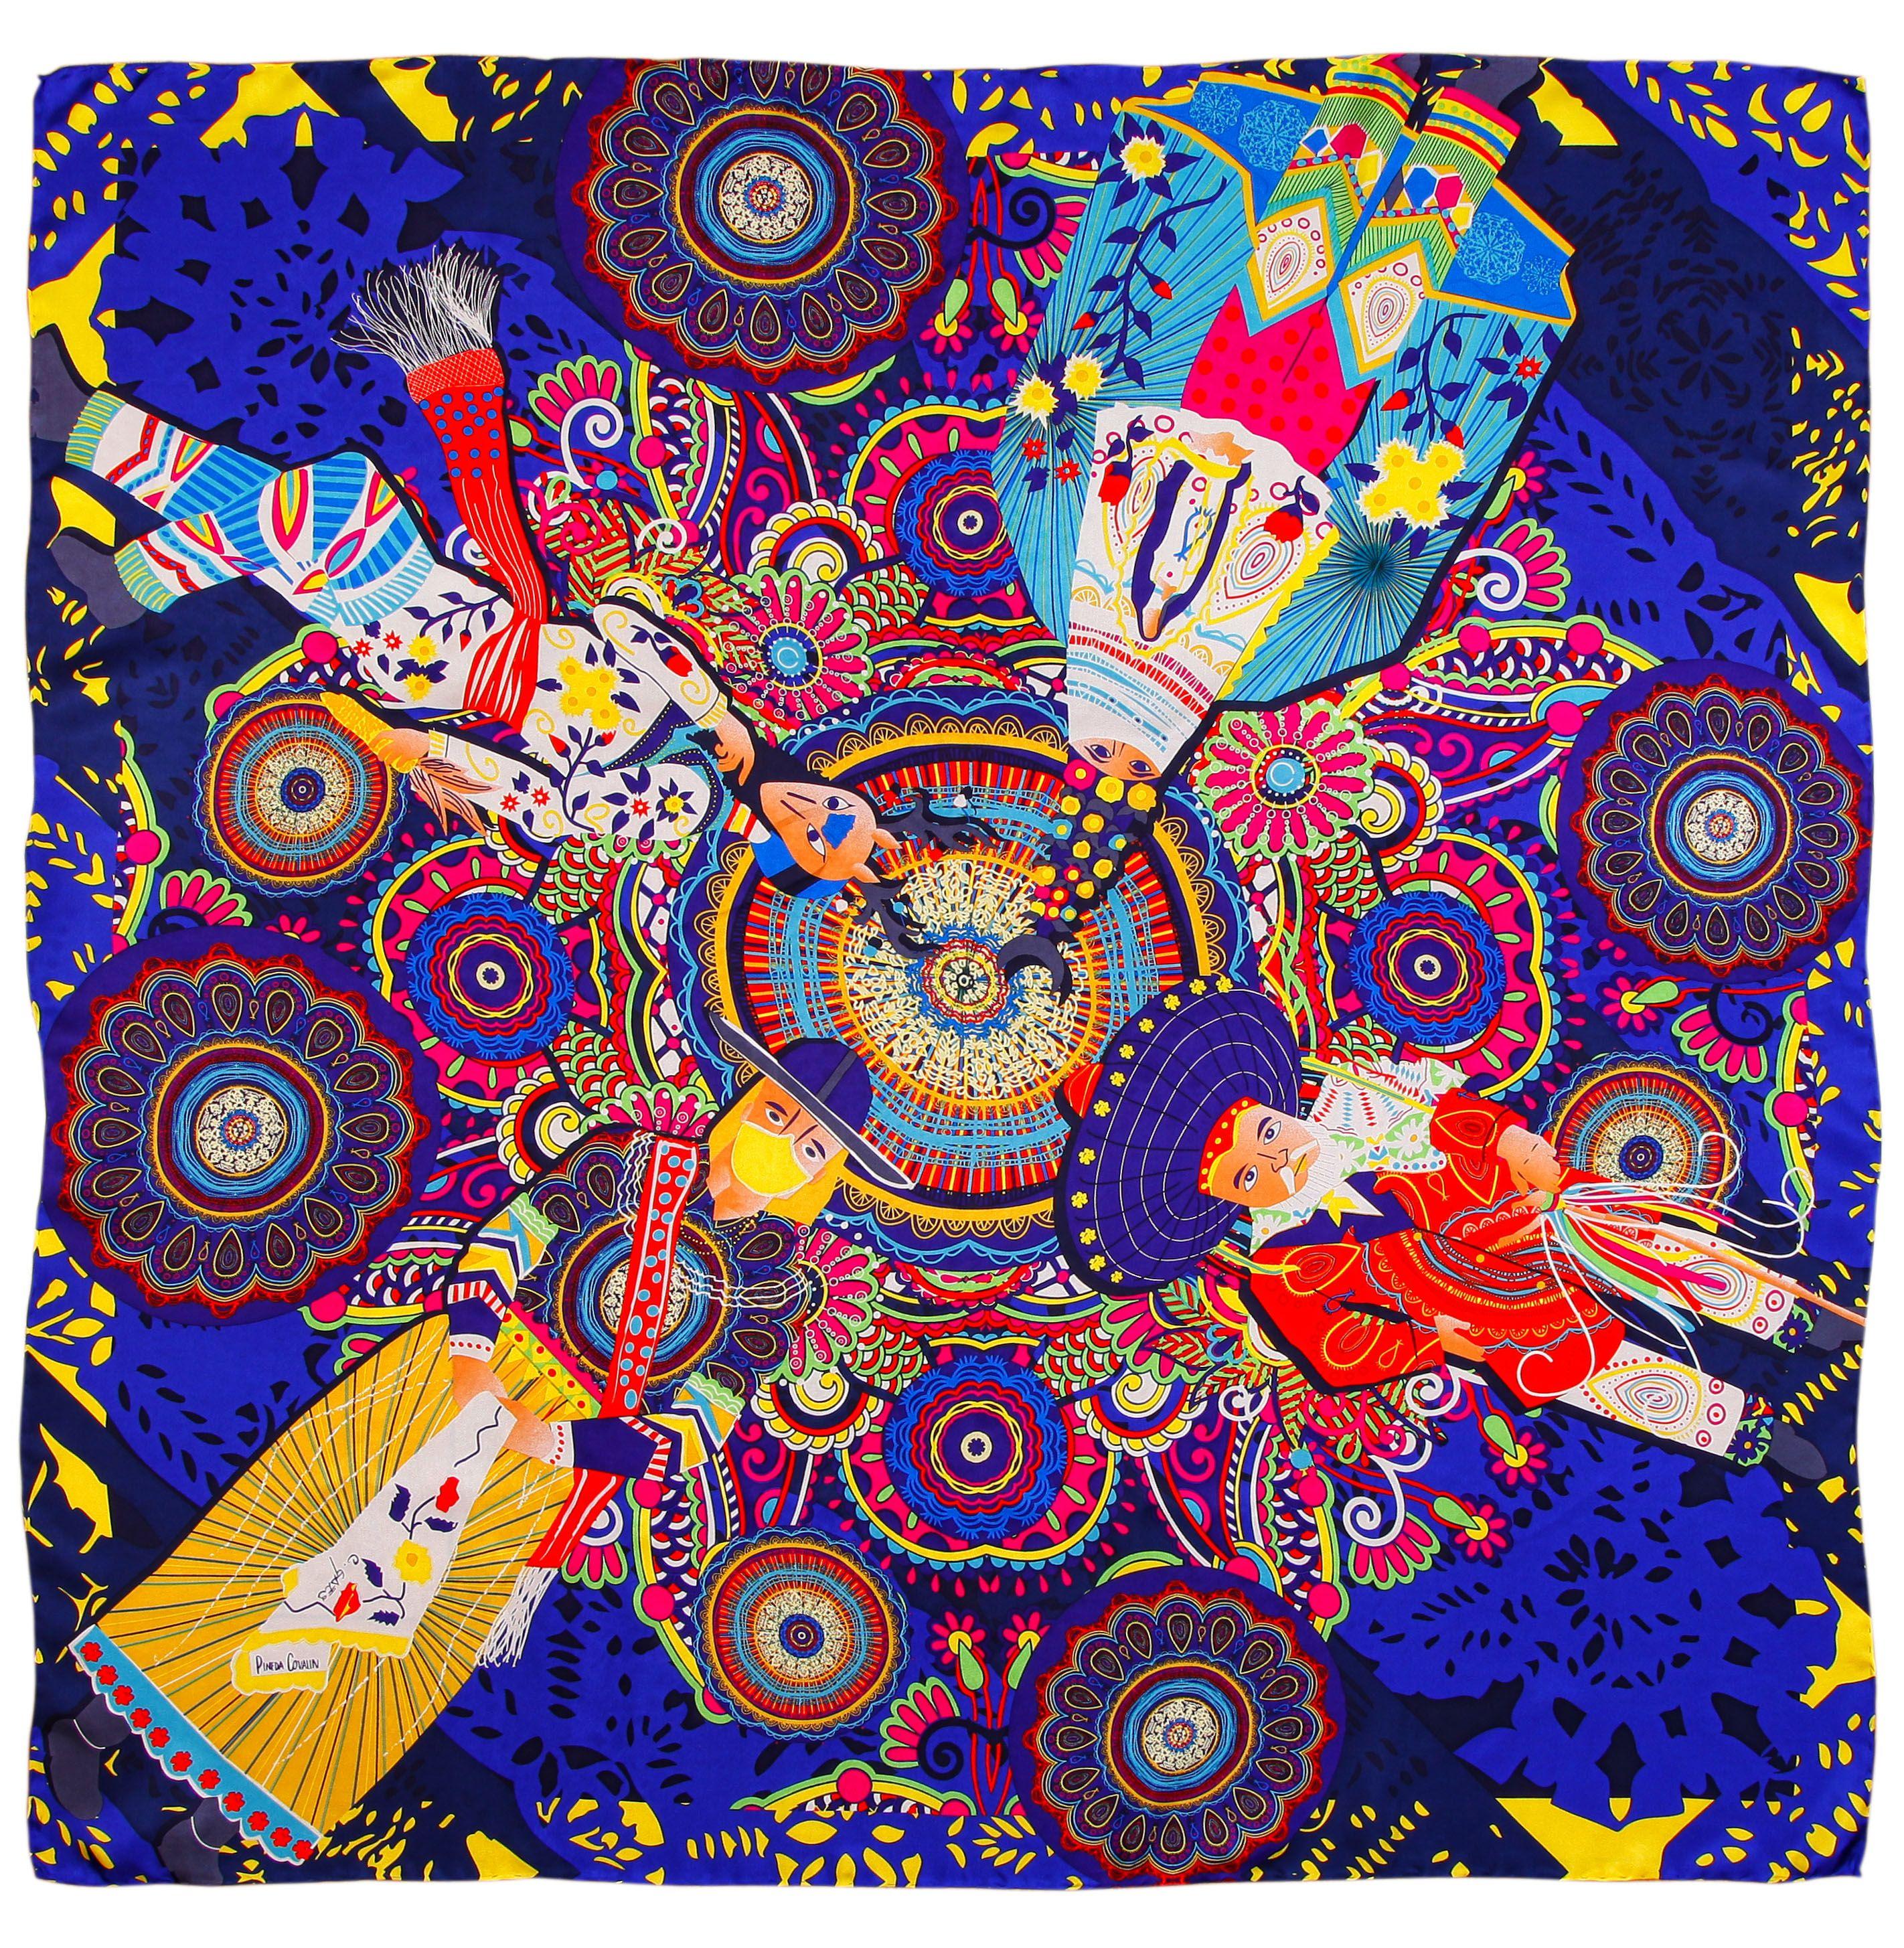 Mascada Bailes Tradicionales Azul